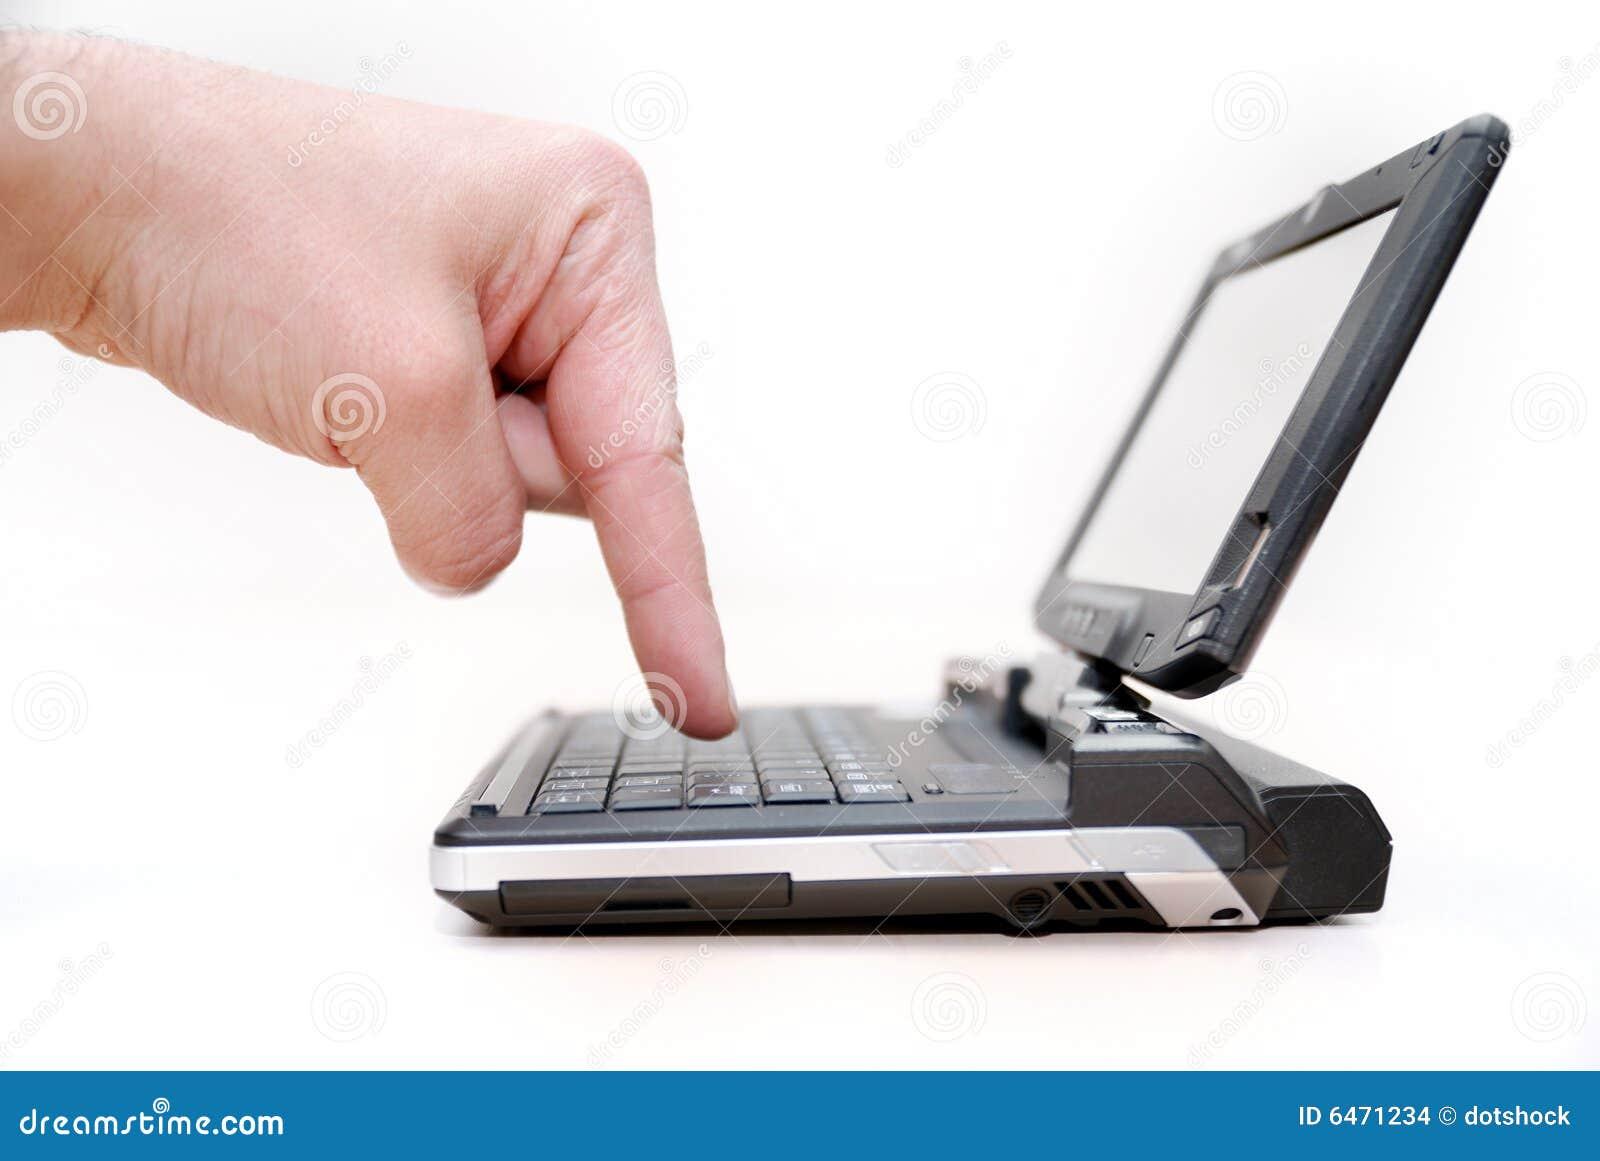 Klein kan laptop zijn